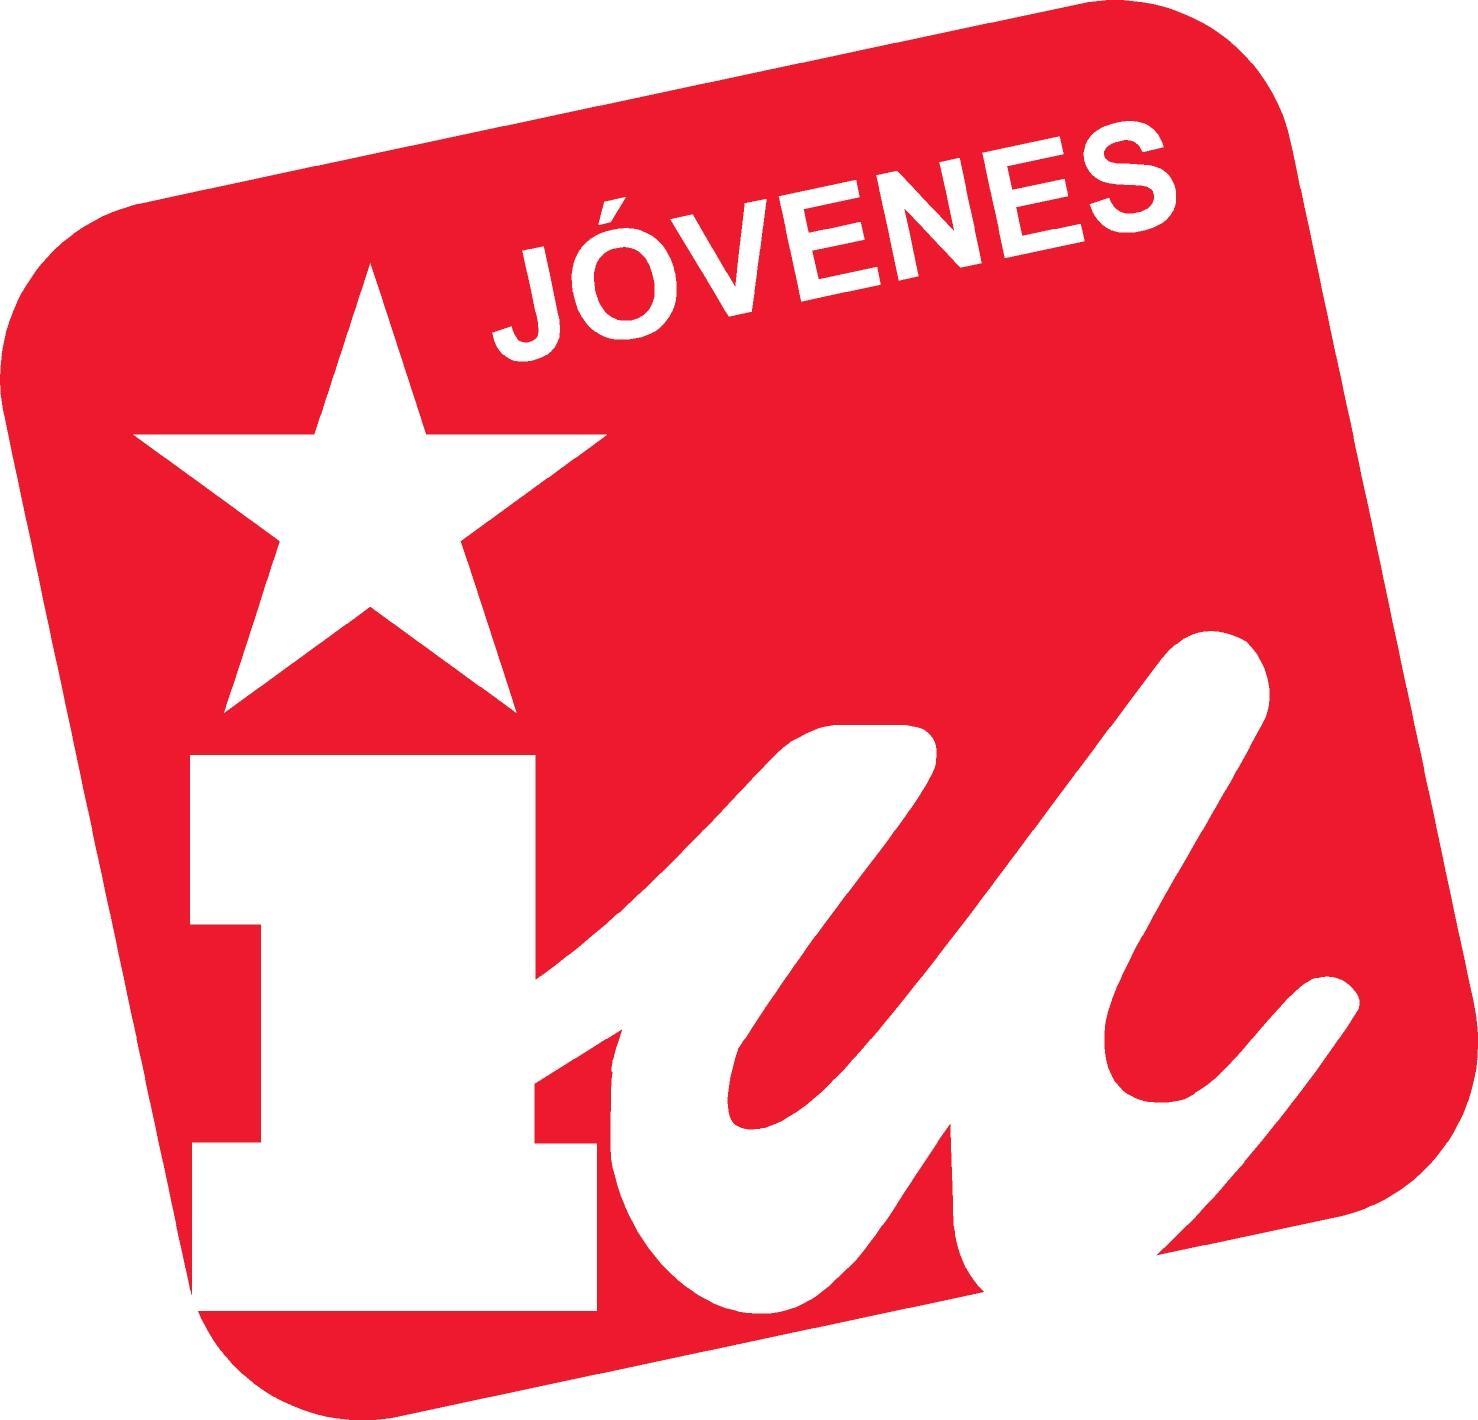 El área de Juventud de IU critica el levantamiento del veto a la publicidad de casas de apuestas y prostitución